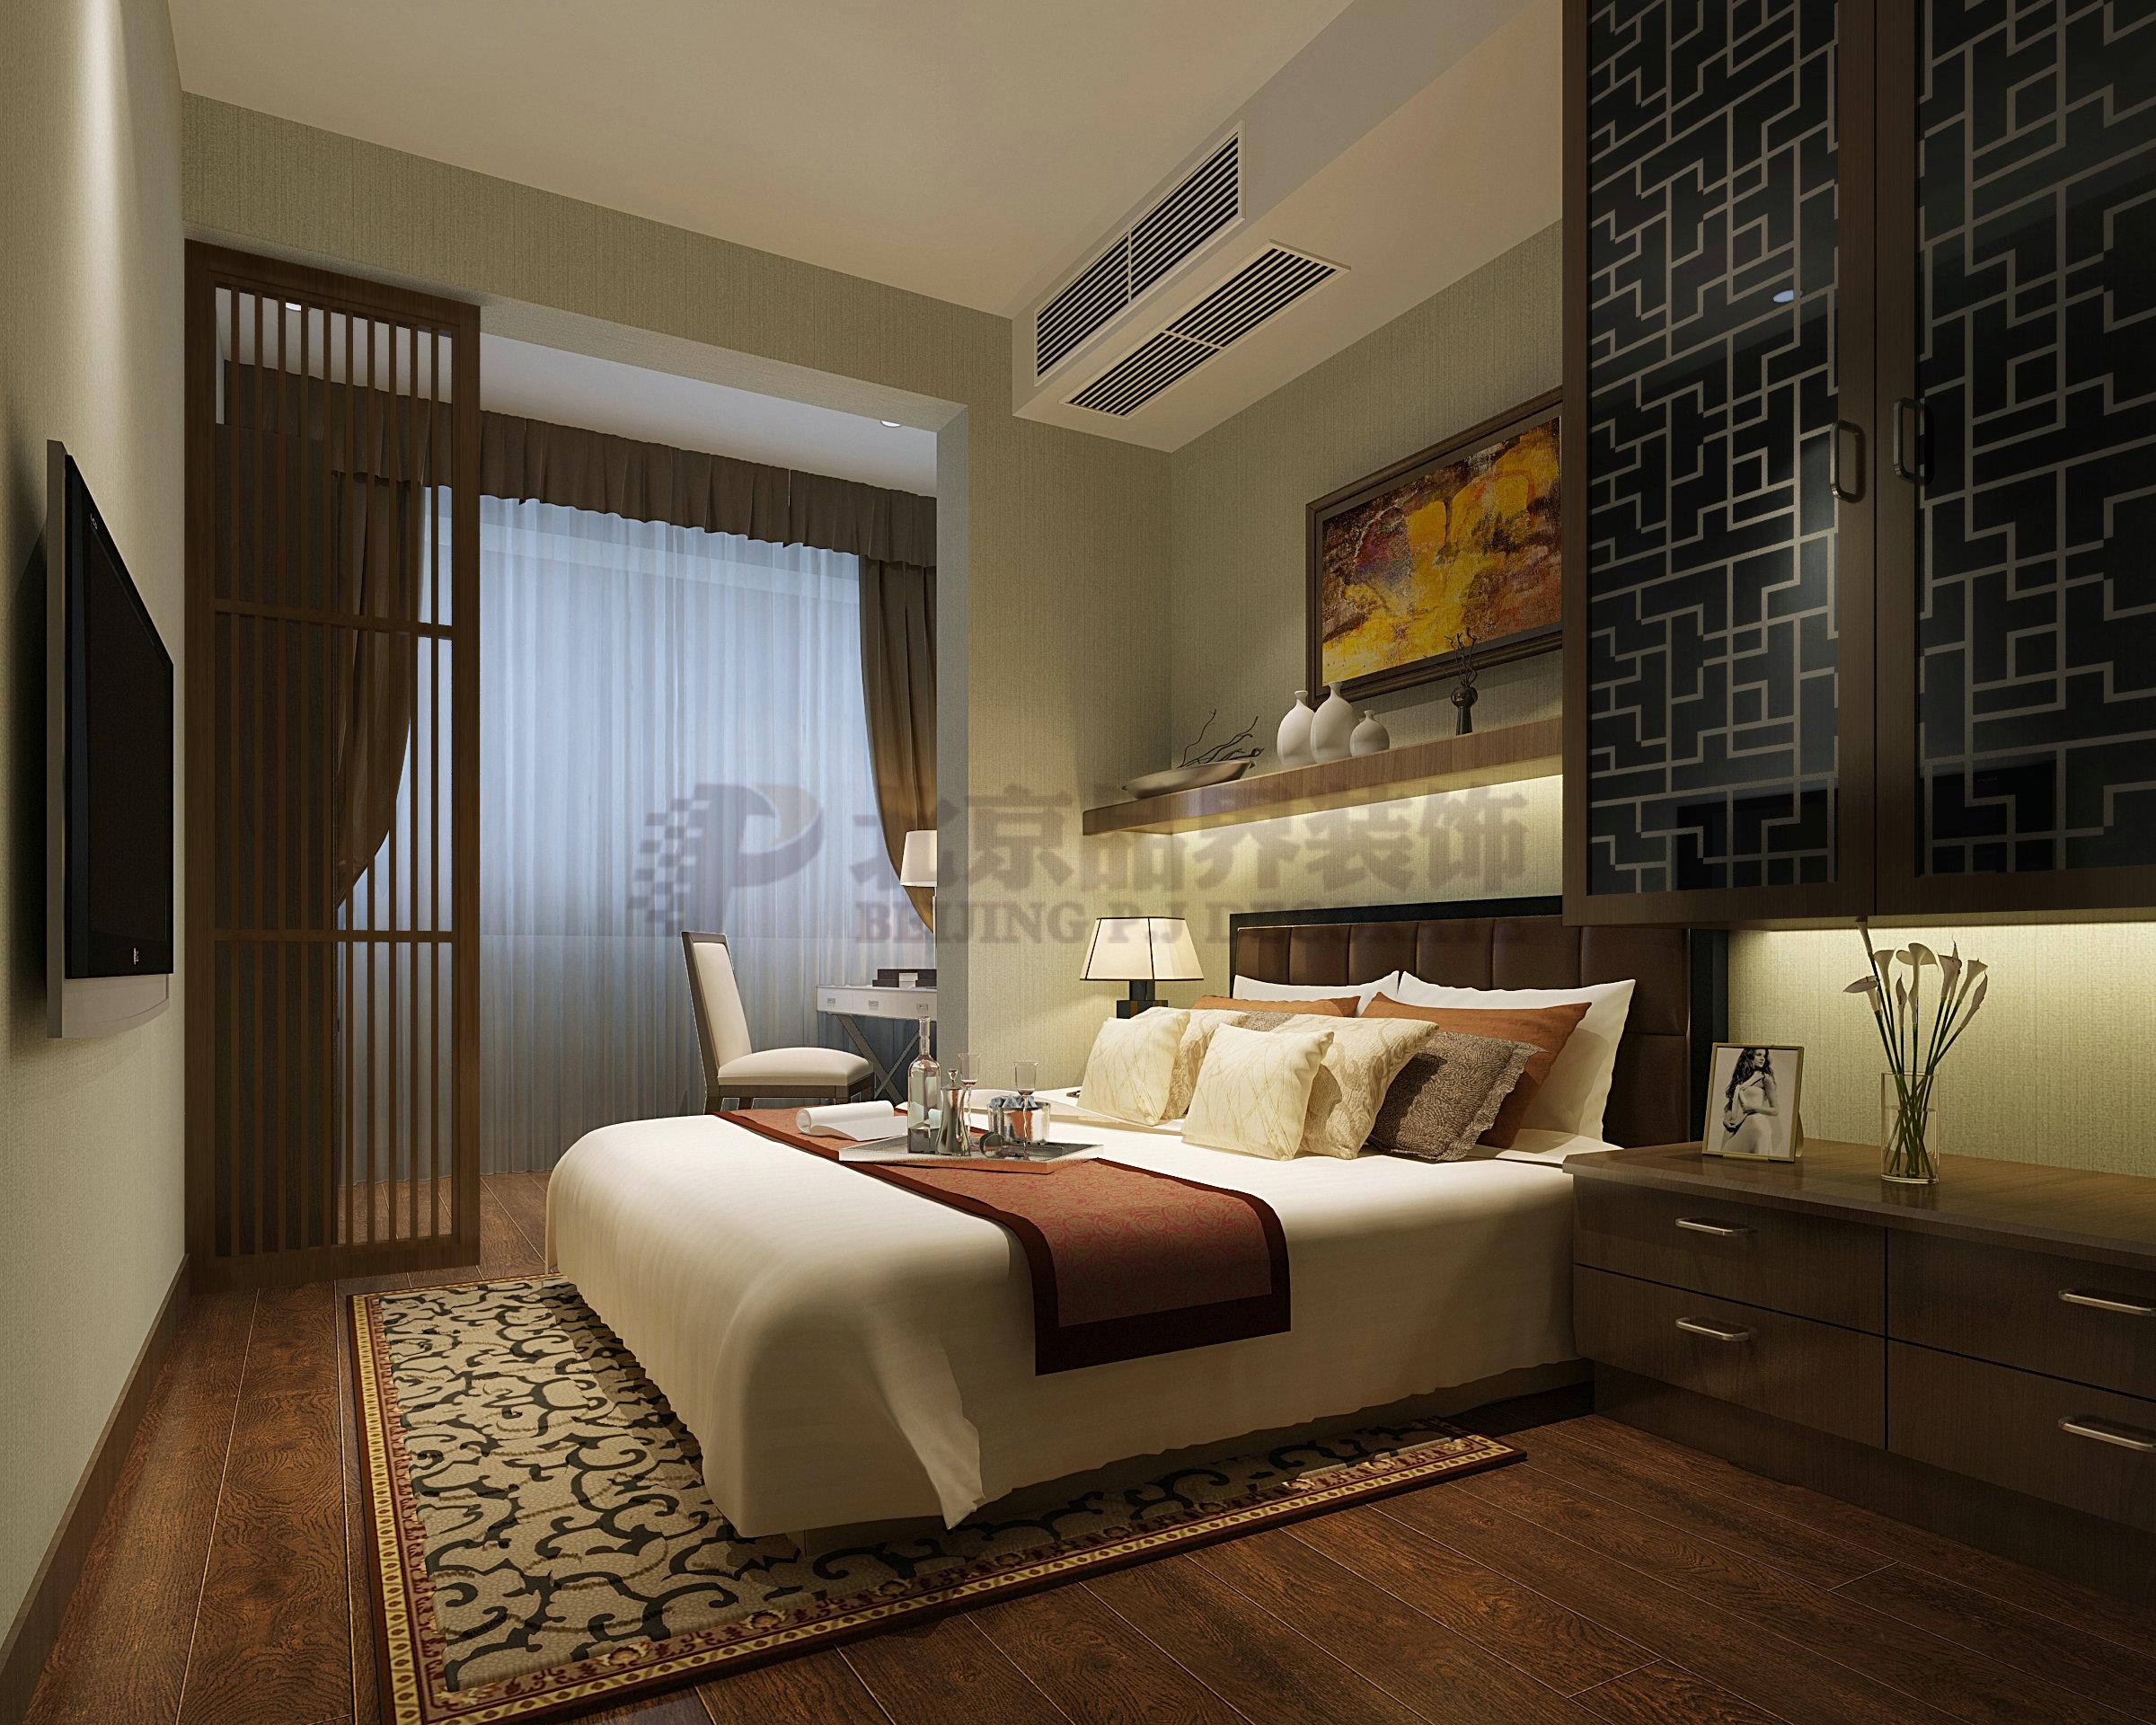 卧室图片来自石家庄品界国际装饰在品界国际装饰新中式风格的分享